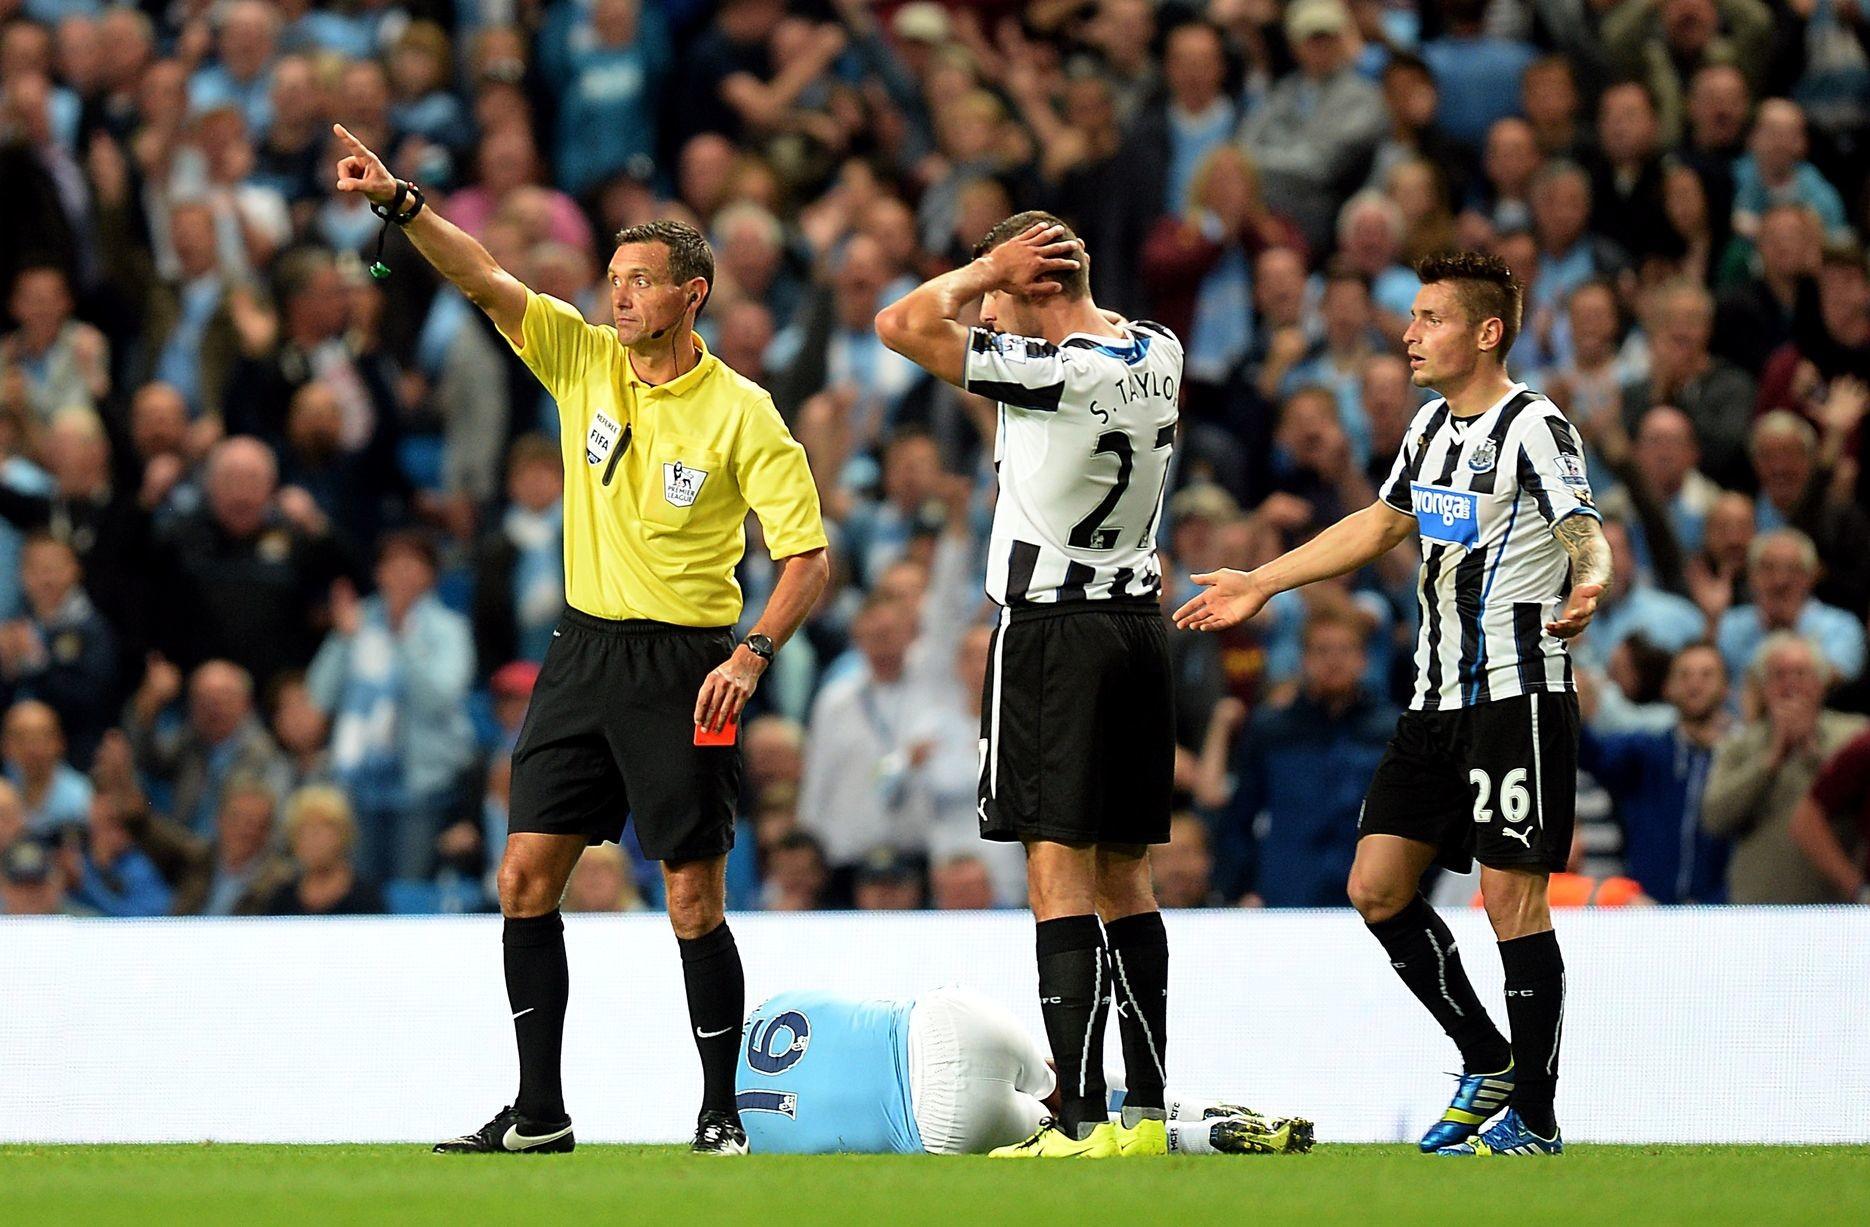 Newcastle United – exodus i przyszłość w czarnych barwach